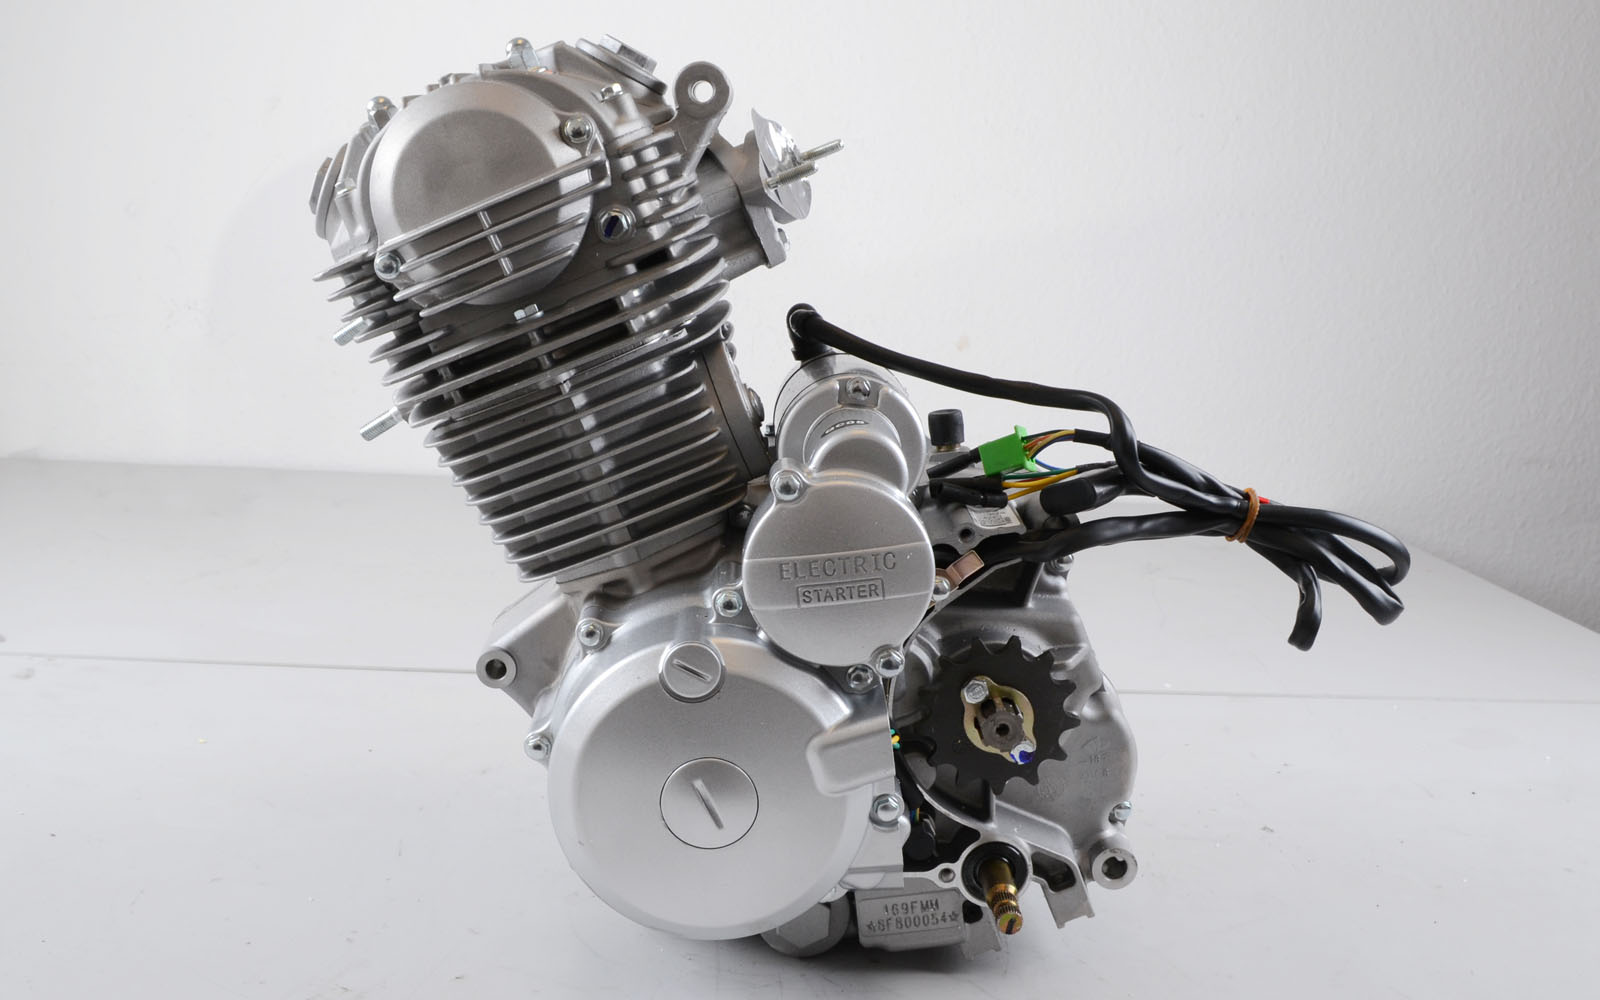 zongshen 250cc motor engine 169fmm luftk hlung enduro. Black Bedroom Furniture Sets. Home Design Ideas